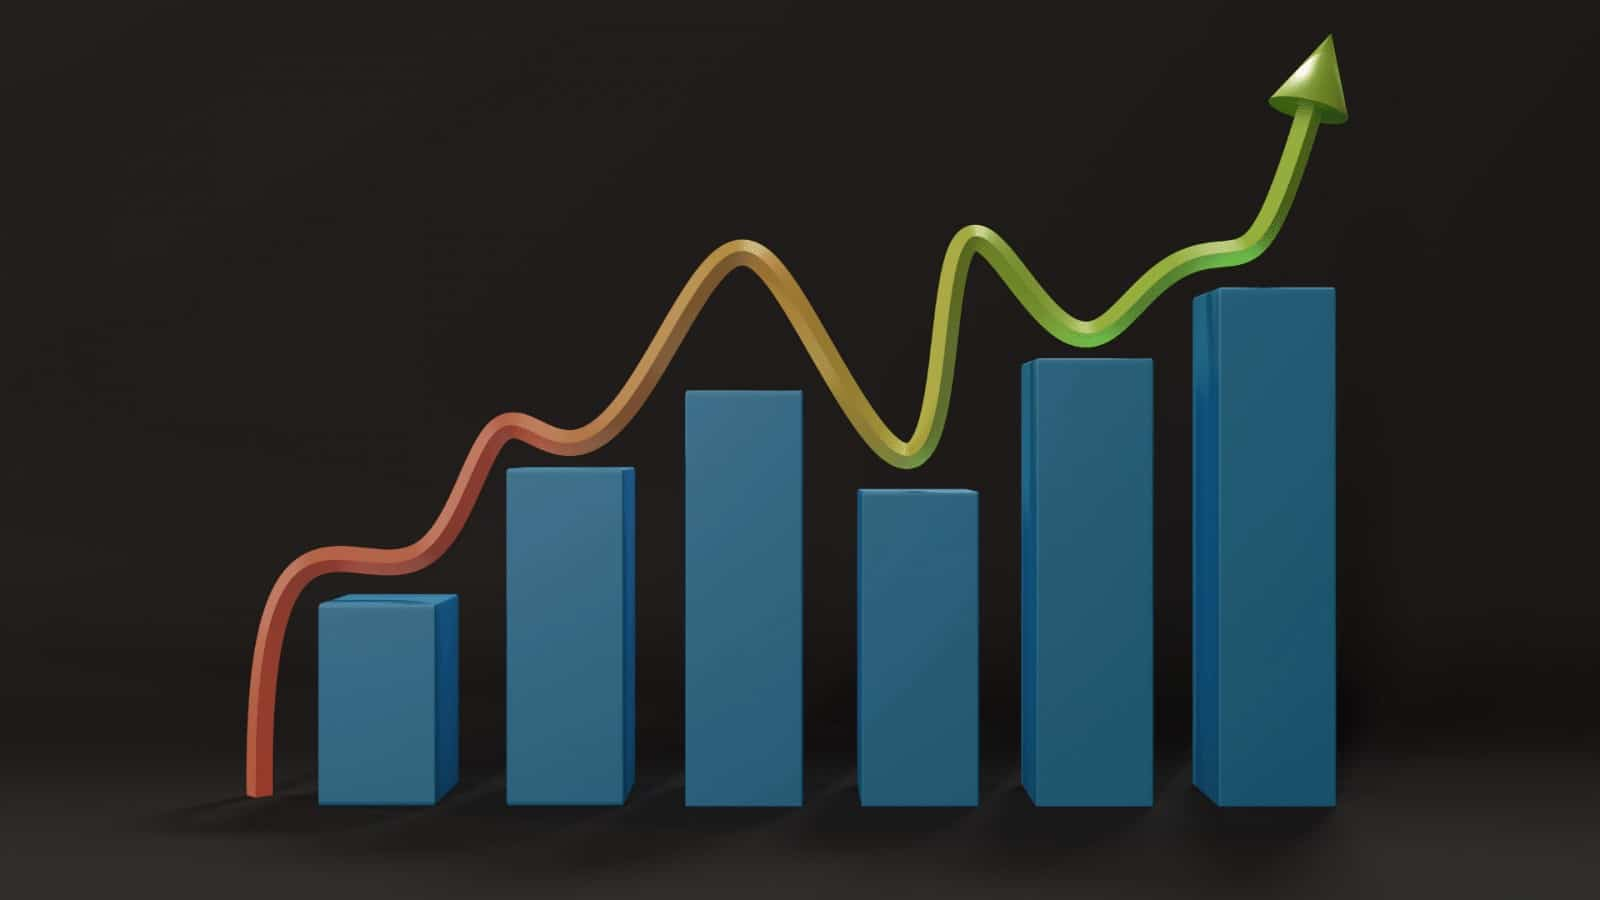 Wykres przedstawiający możliwości uniknąć upadłości